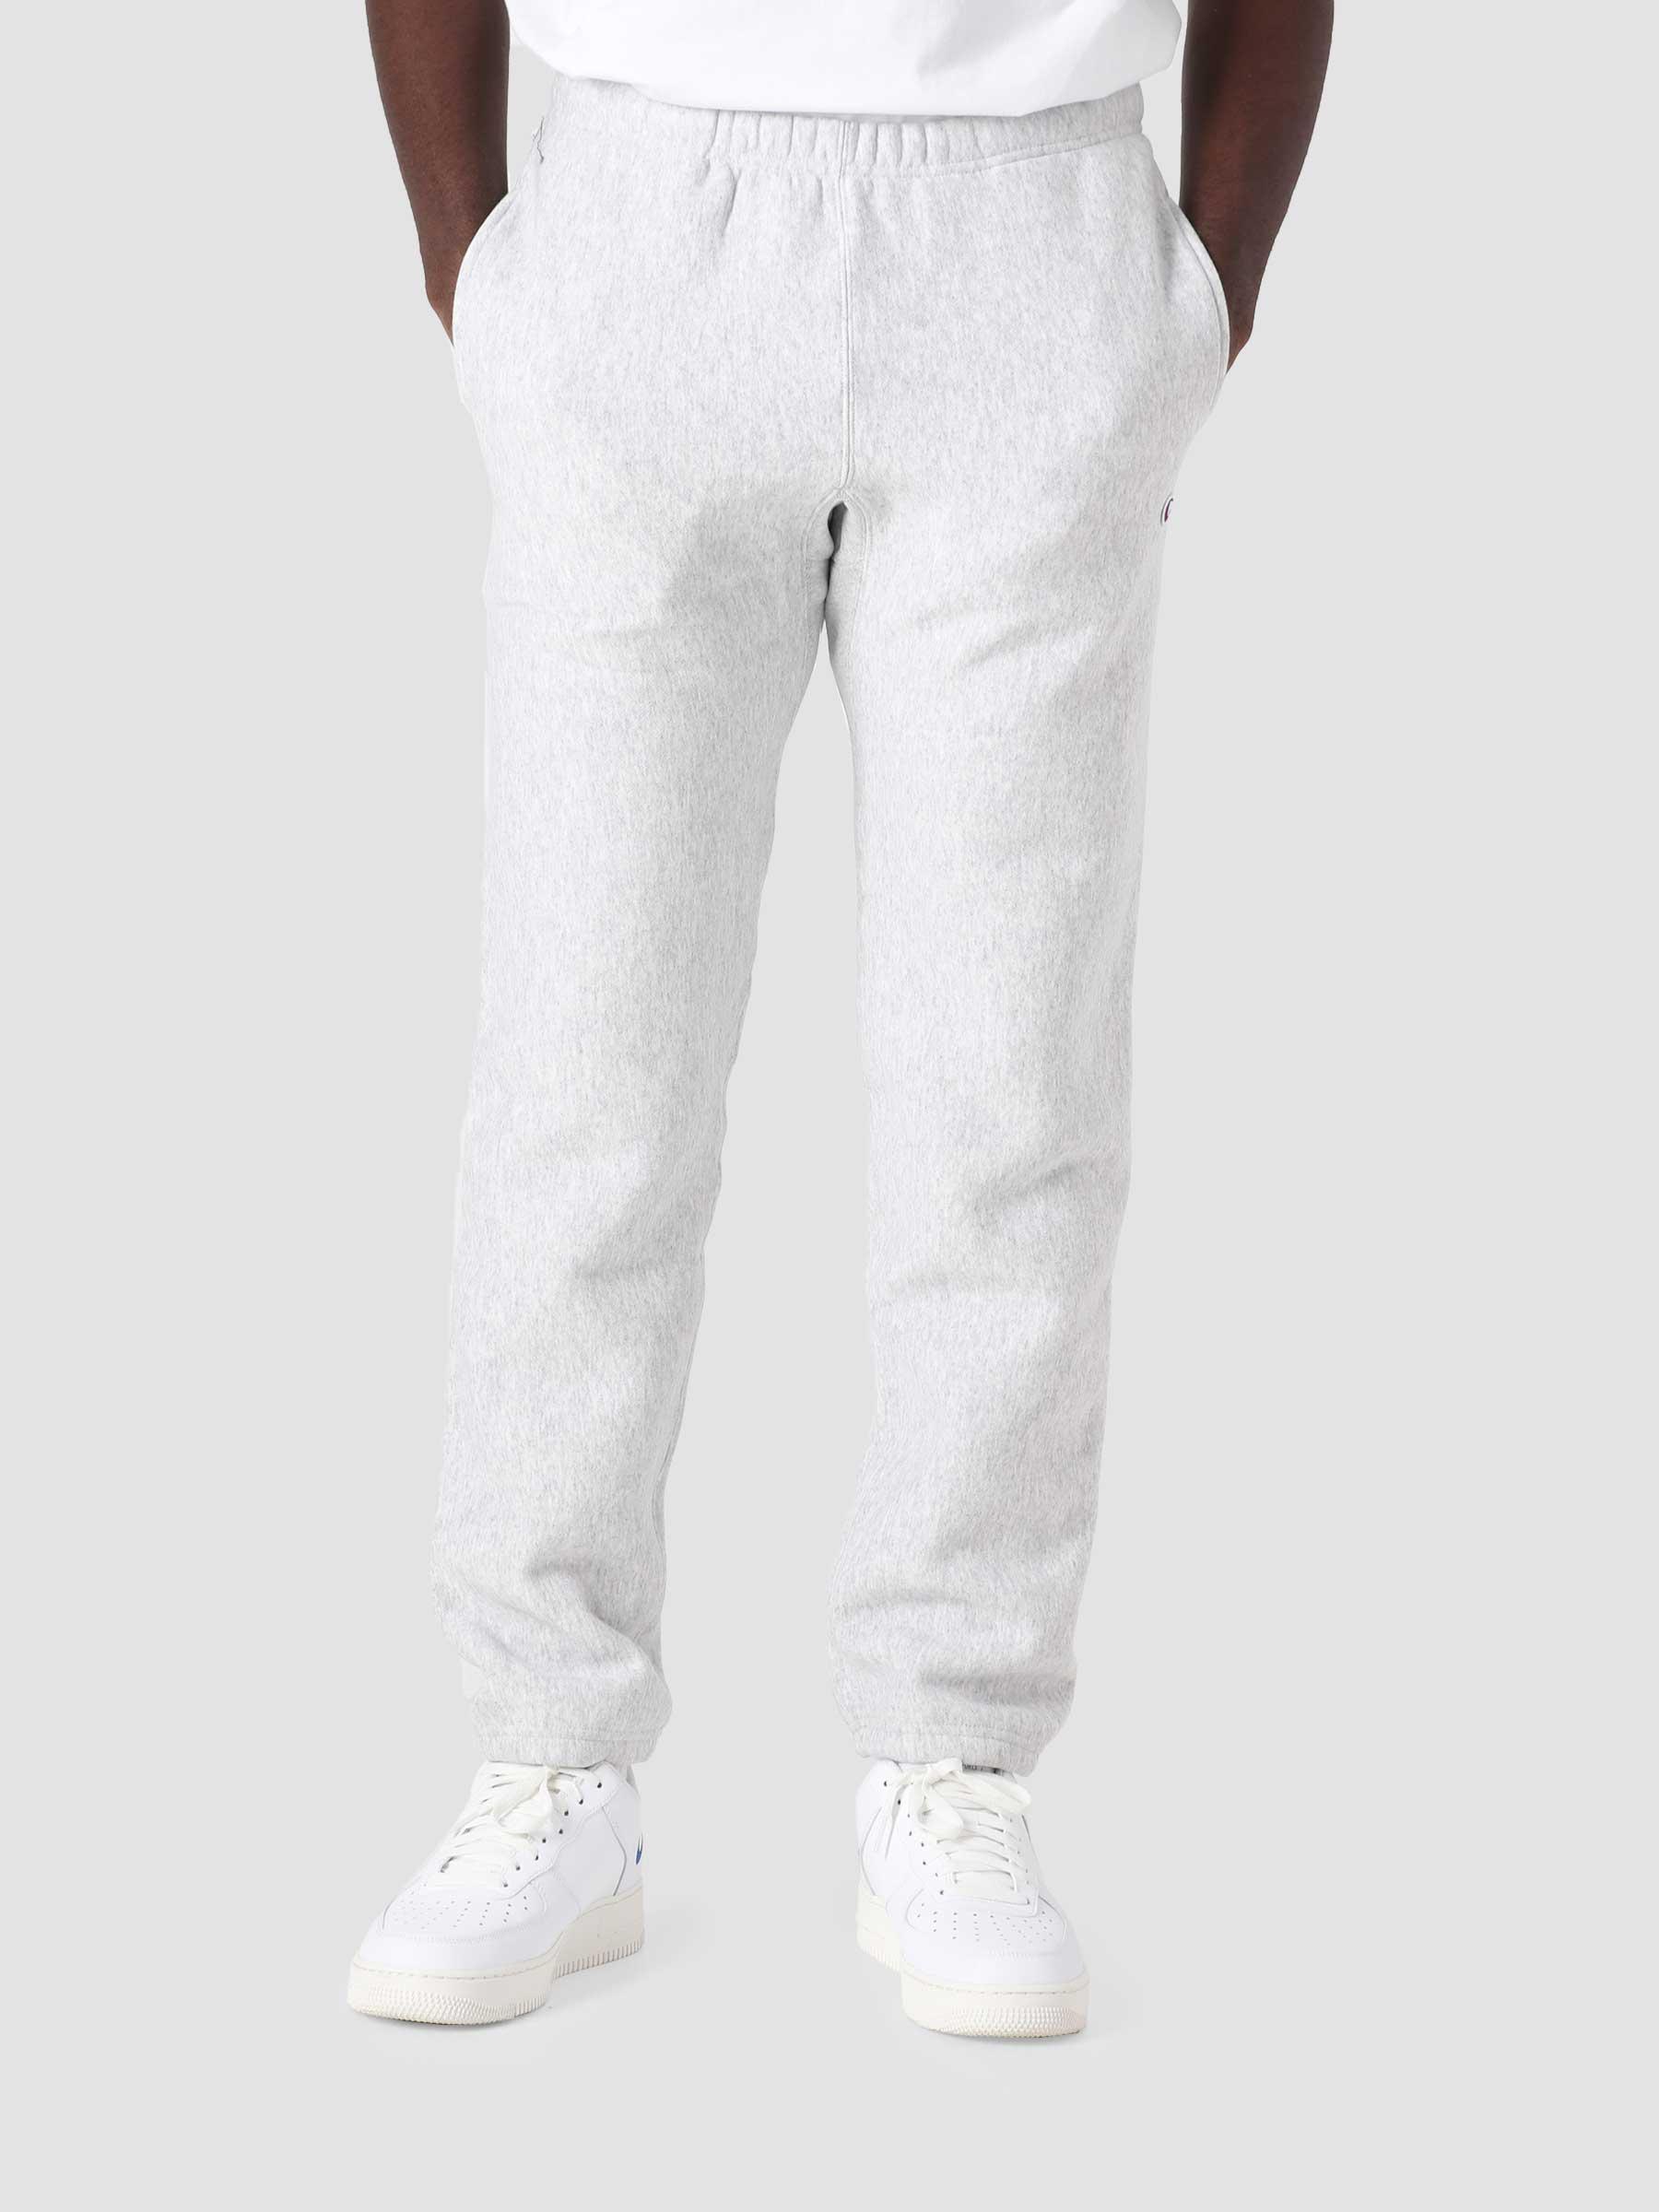 Reverse Weave Soft Fleece Elastic Cuff Pants Grey COKFQ7-EM004